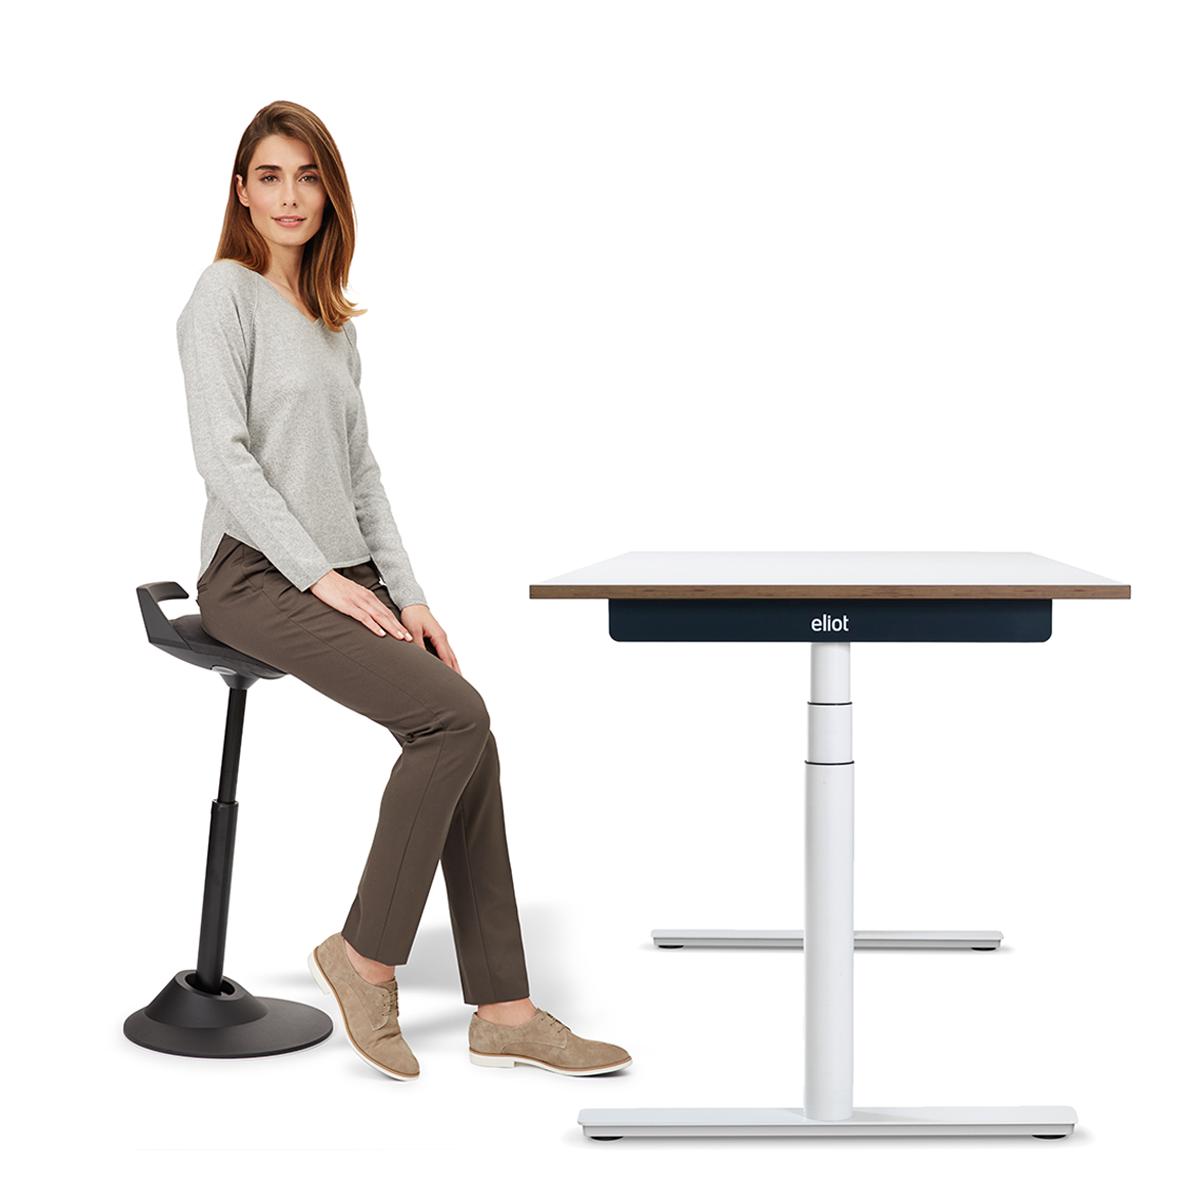 biurko regulowane eliot nowoczesny hoker muvman